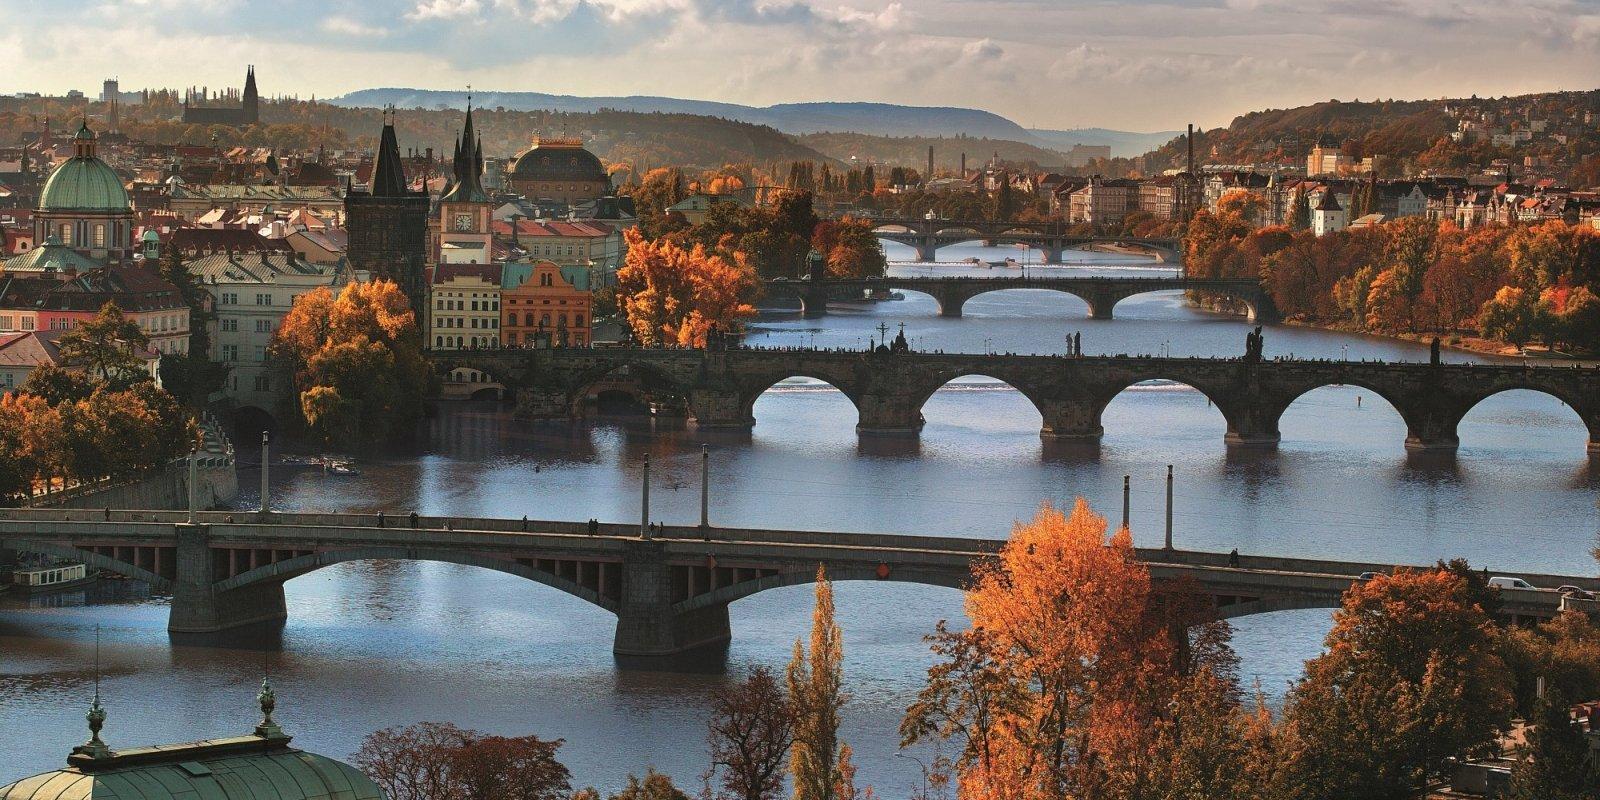 Výhled na Nové Město Pražské a úchvatné mosty přes Vltavu  © Libor Sváček